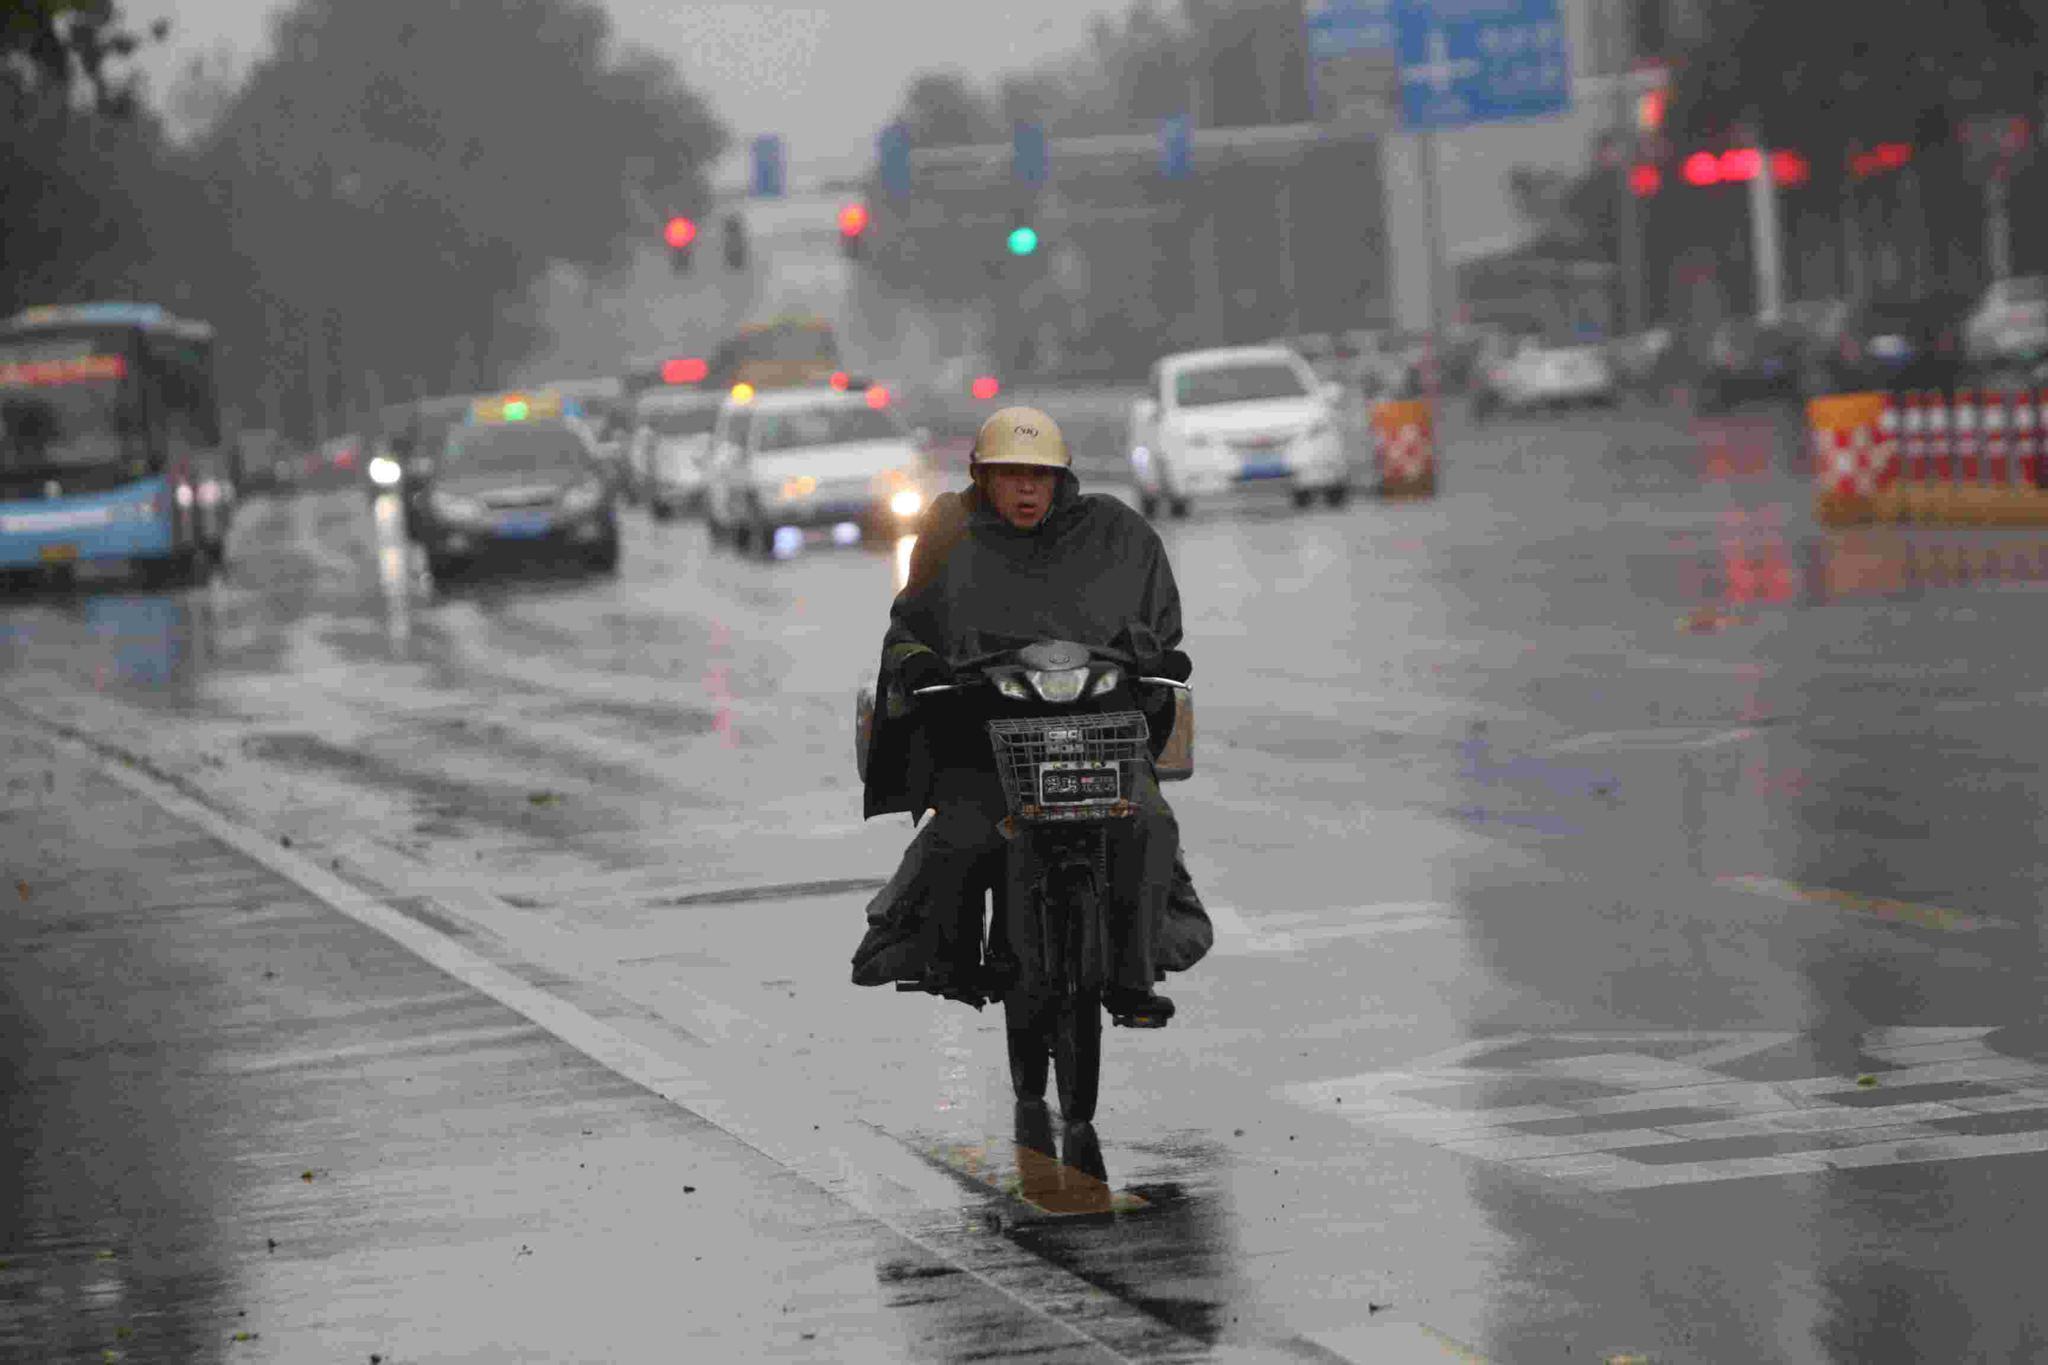 出门记得带雨具 江西未来5天有持续降雨 局部有暴雨